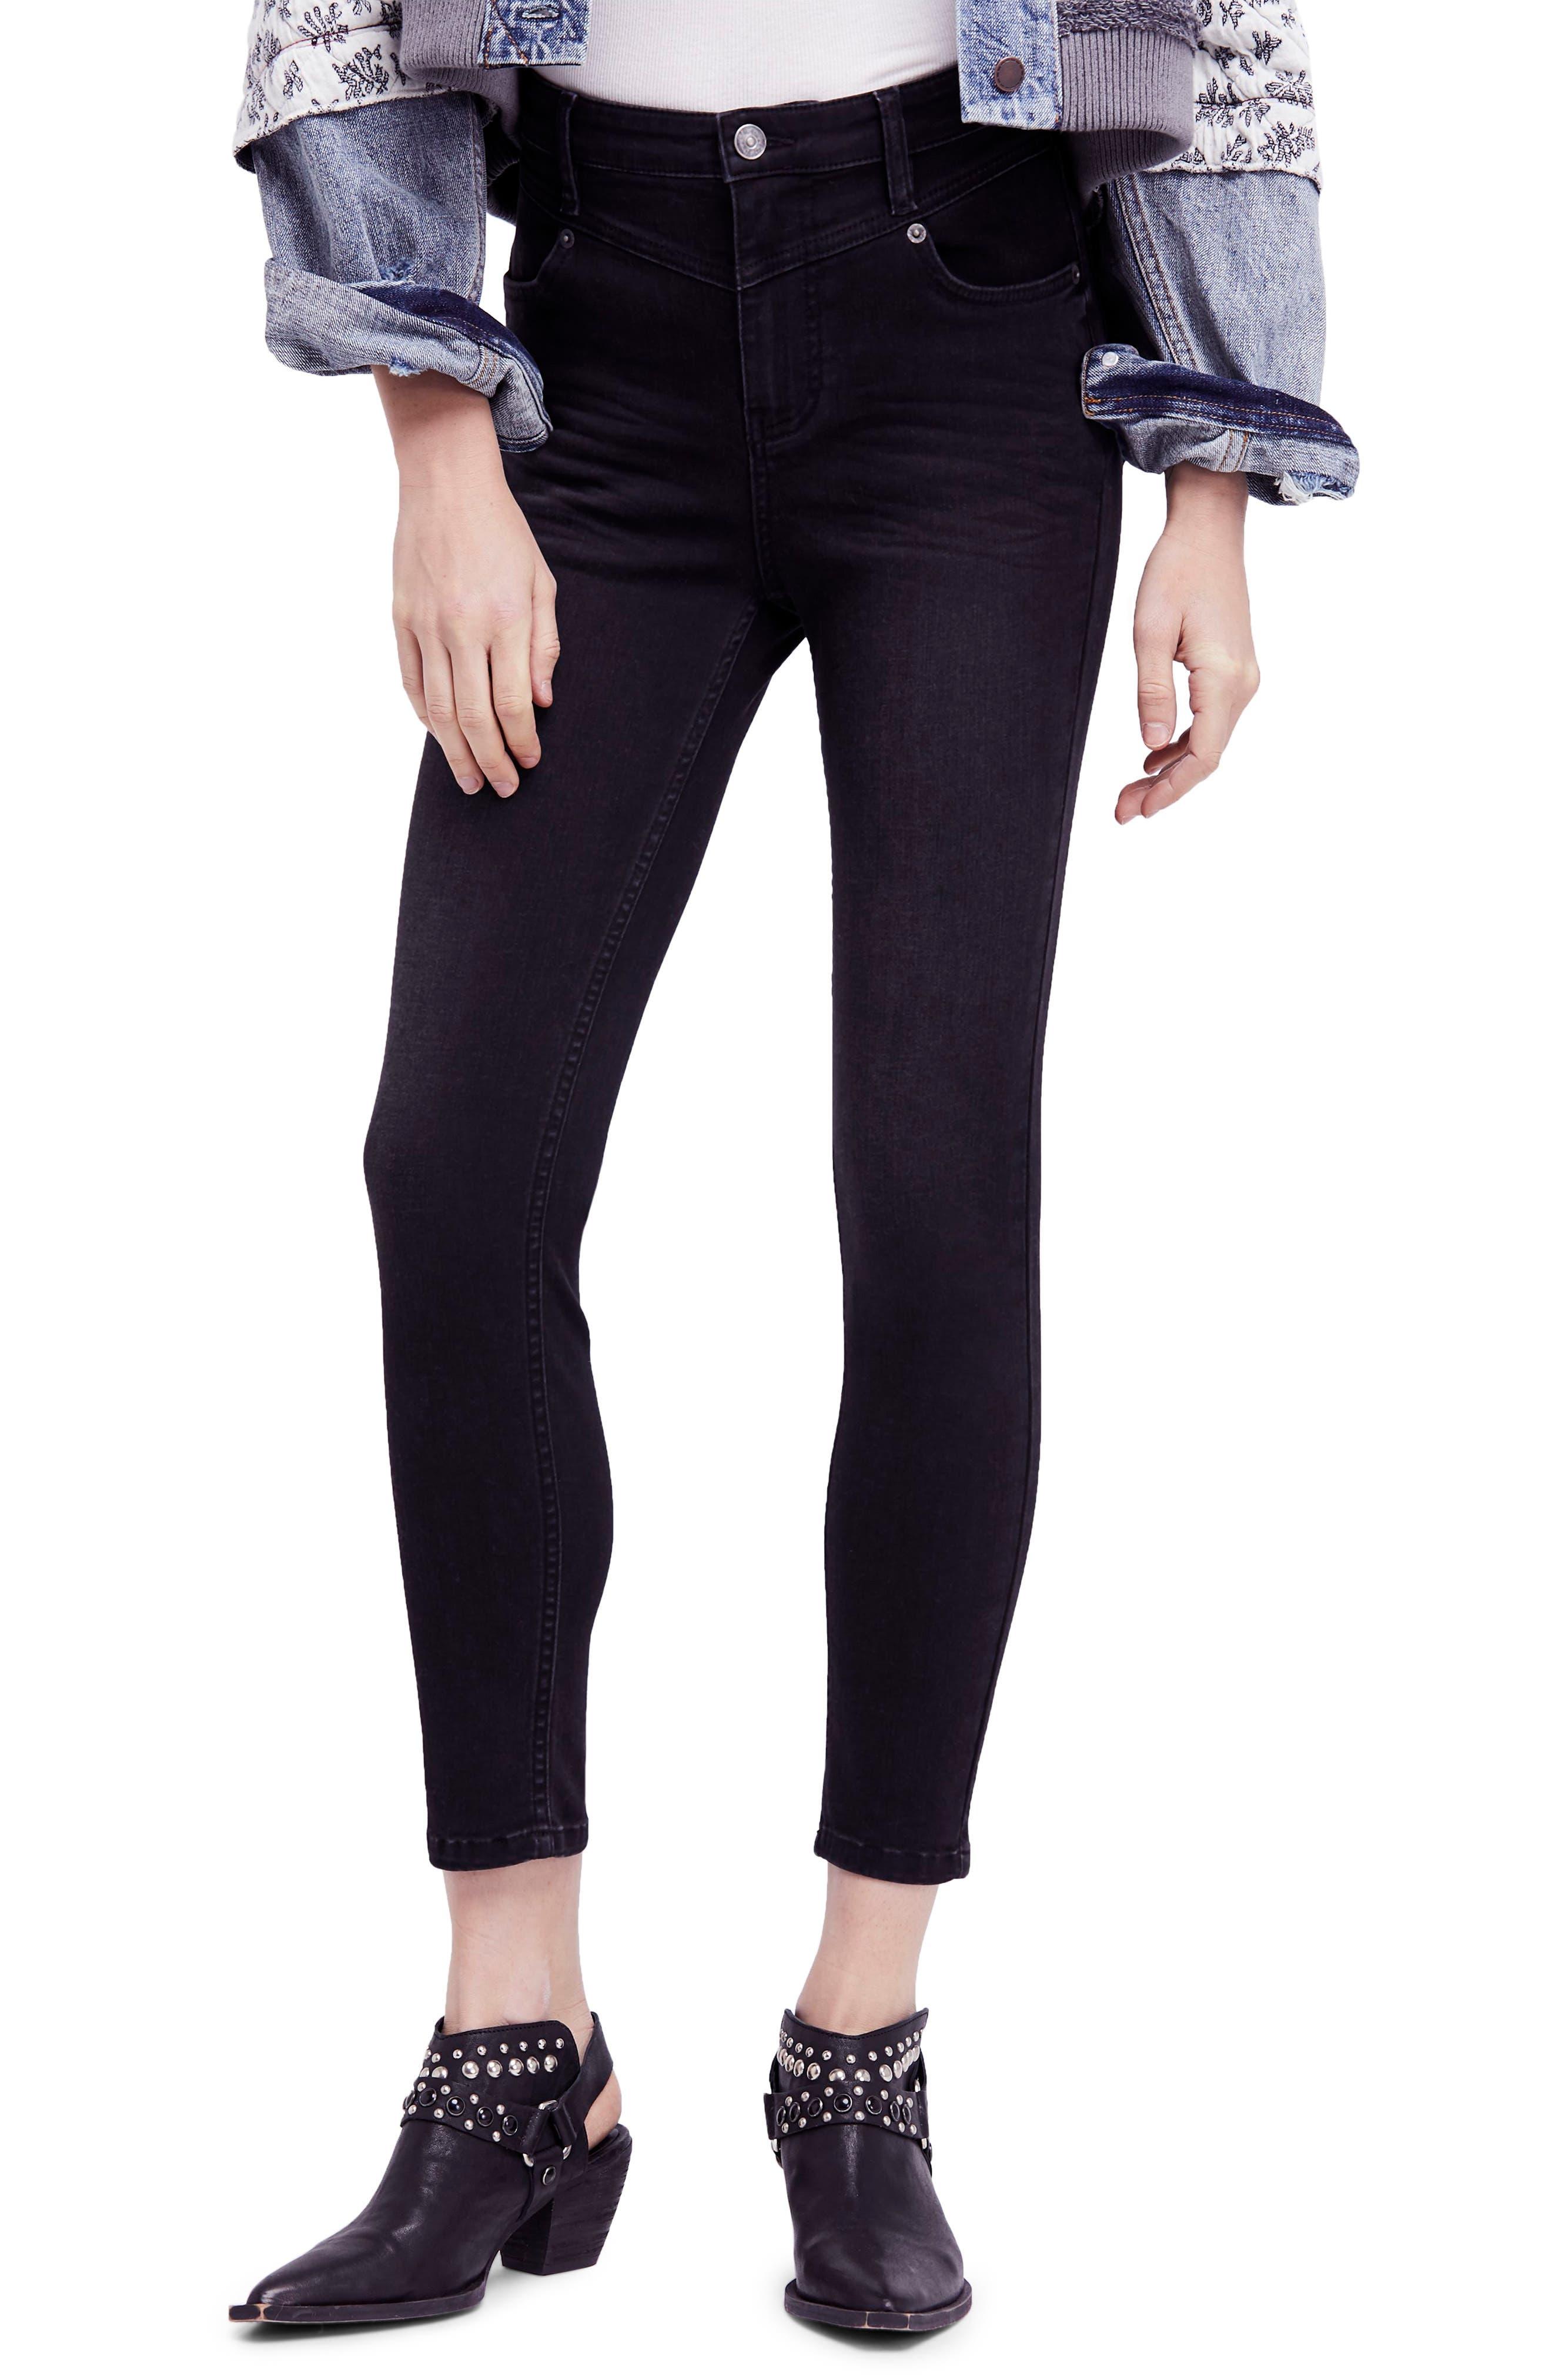 Mara Skinny Jeans,                         Main,                         color, Black